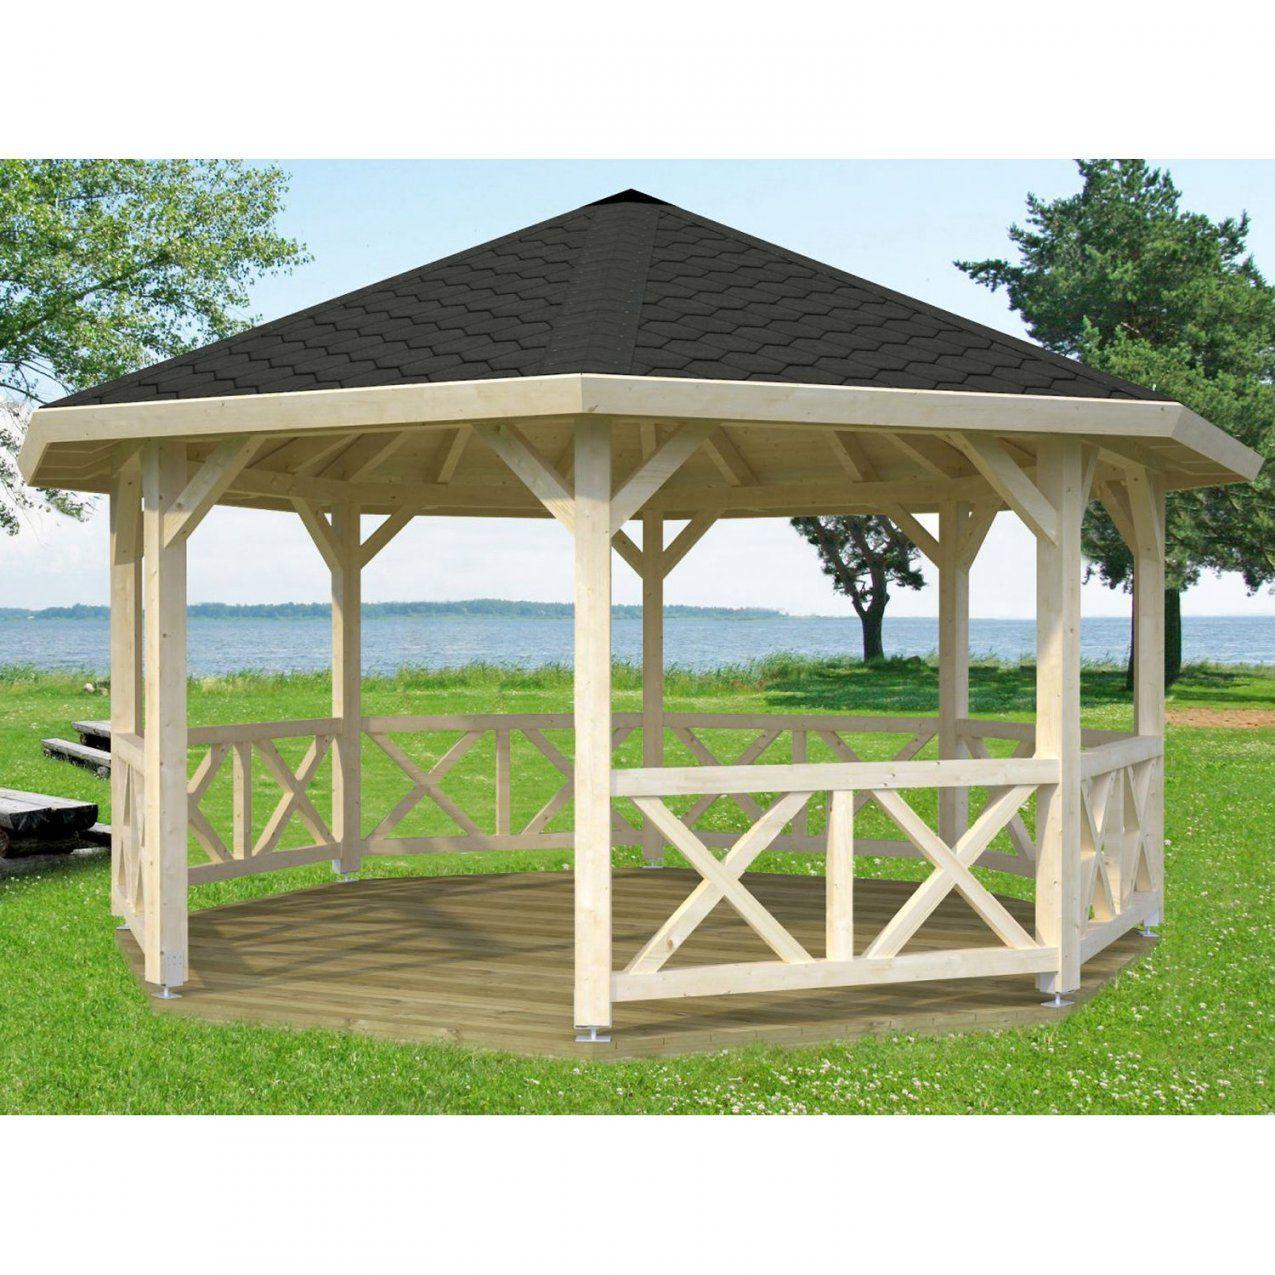 Gartenlauben & Holzpavillons Online Kaufen Bei Obi von Pavillon 6 Eckig Selber Bauen Bild